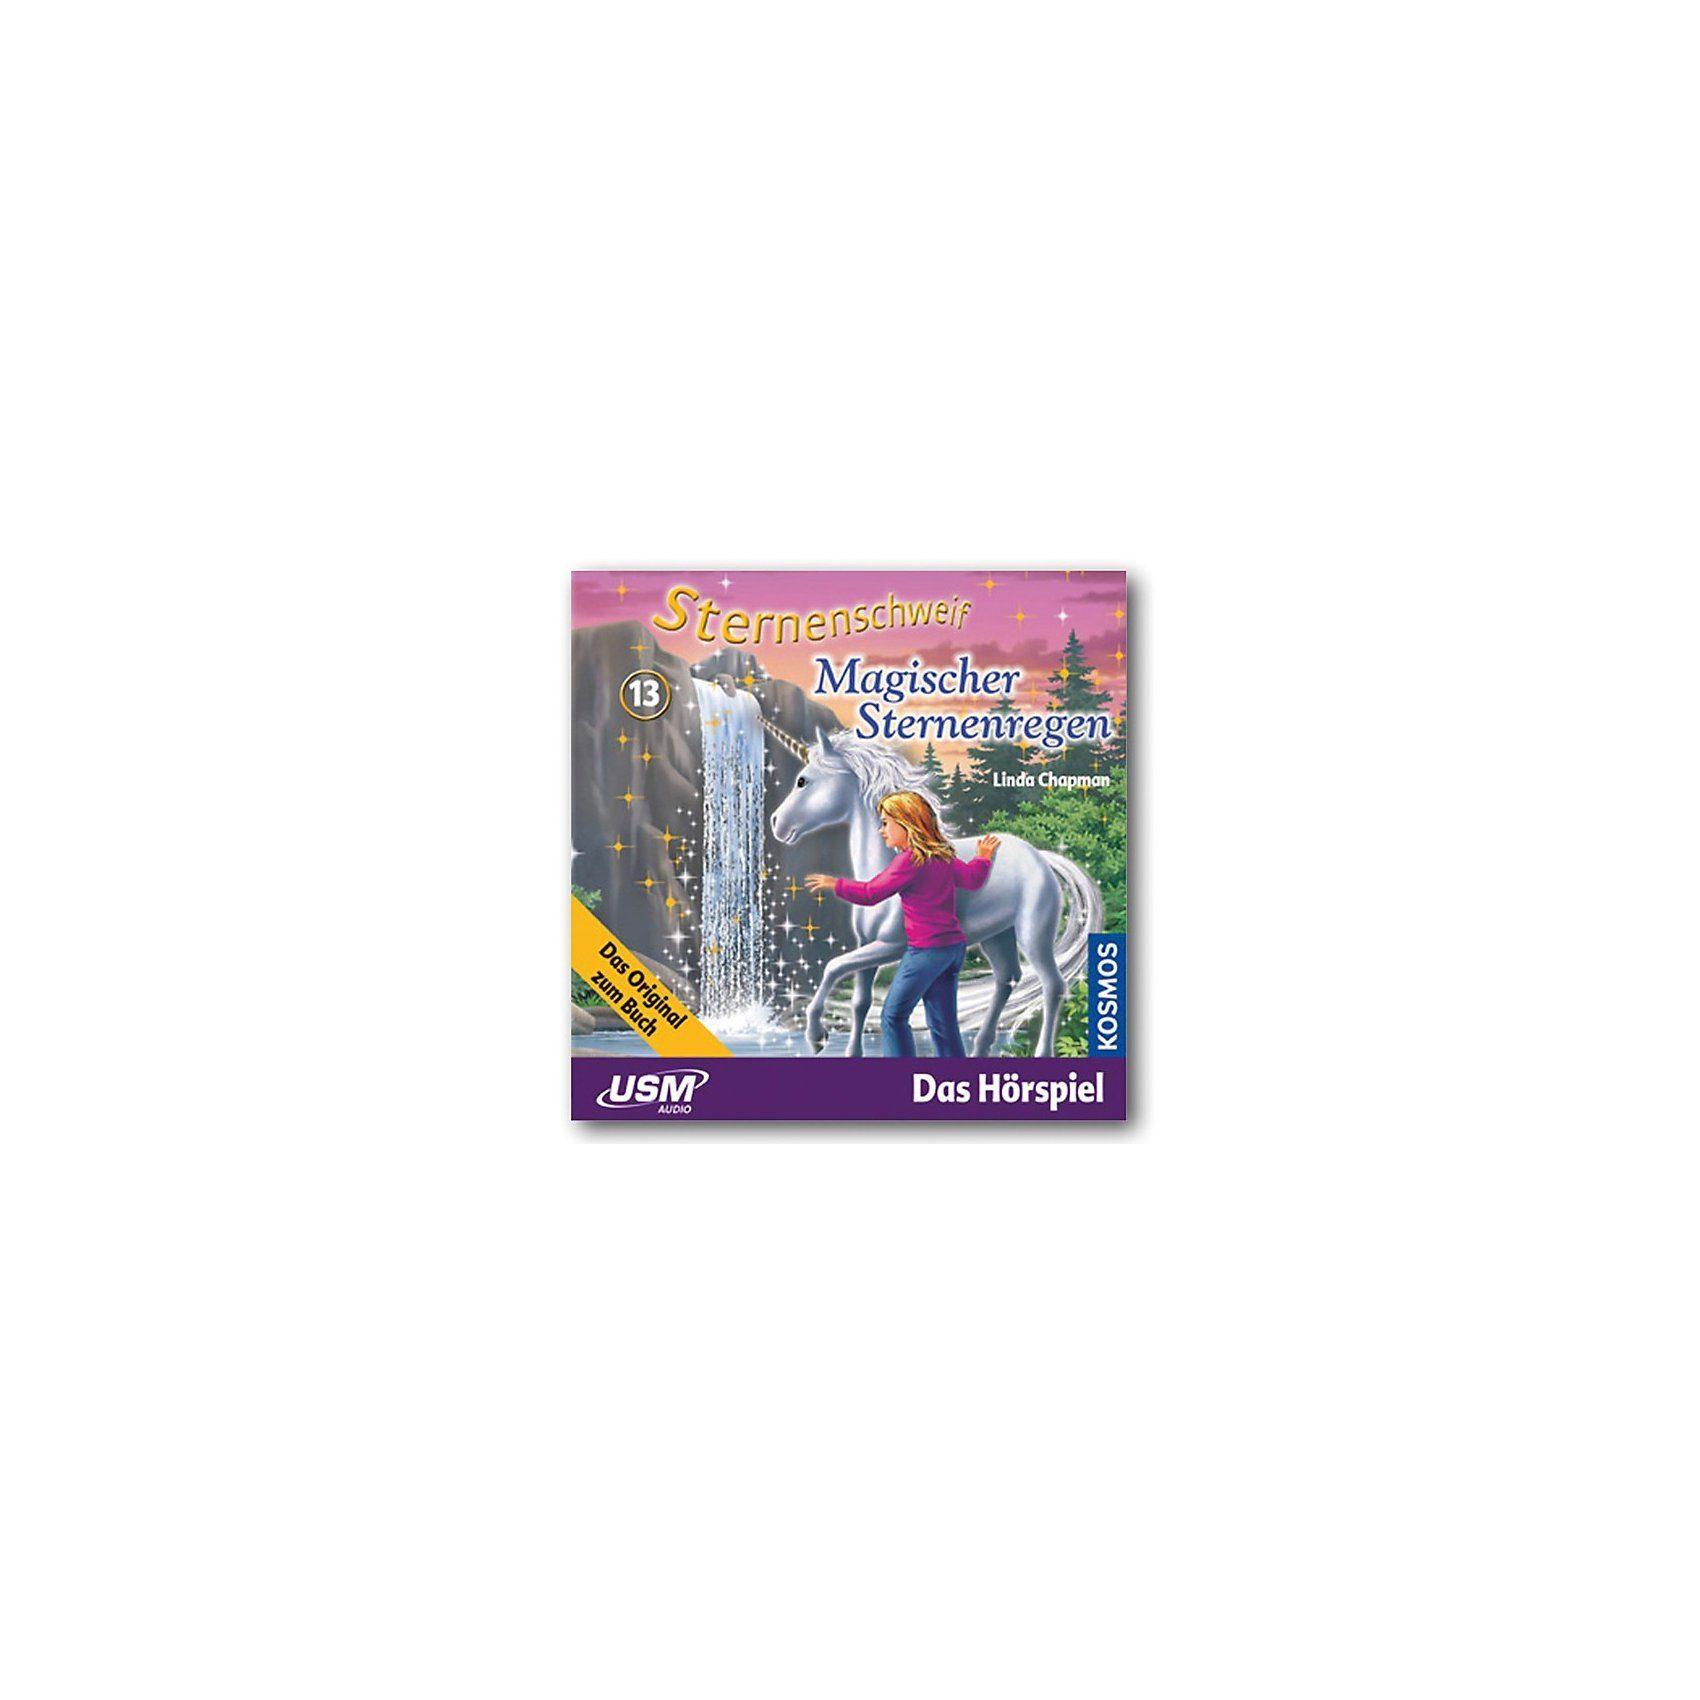 CD Sternenschweif 13 - Magischer Sternenregen